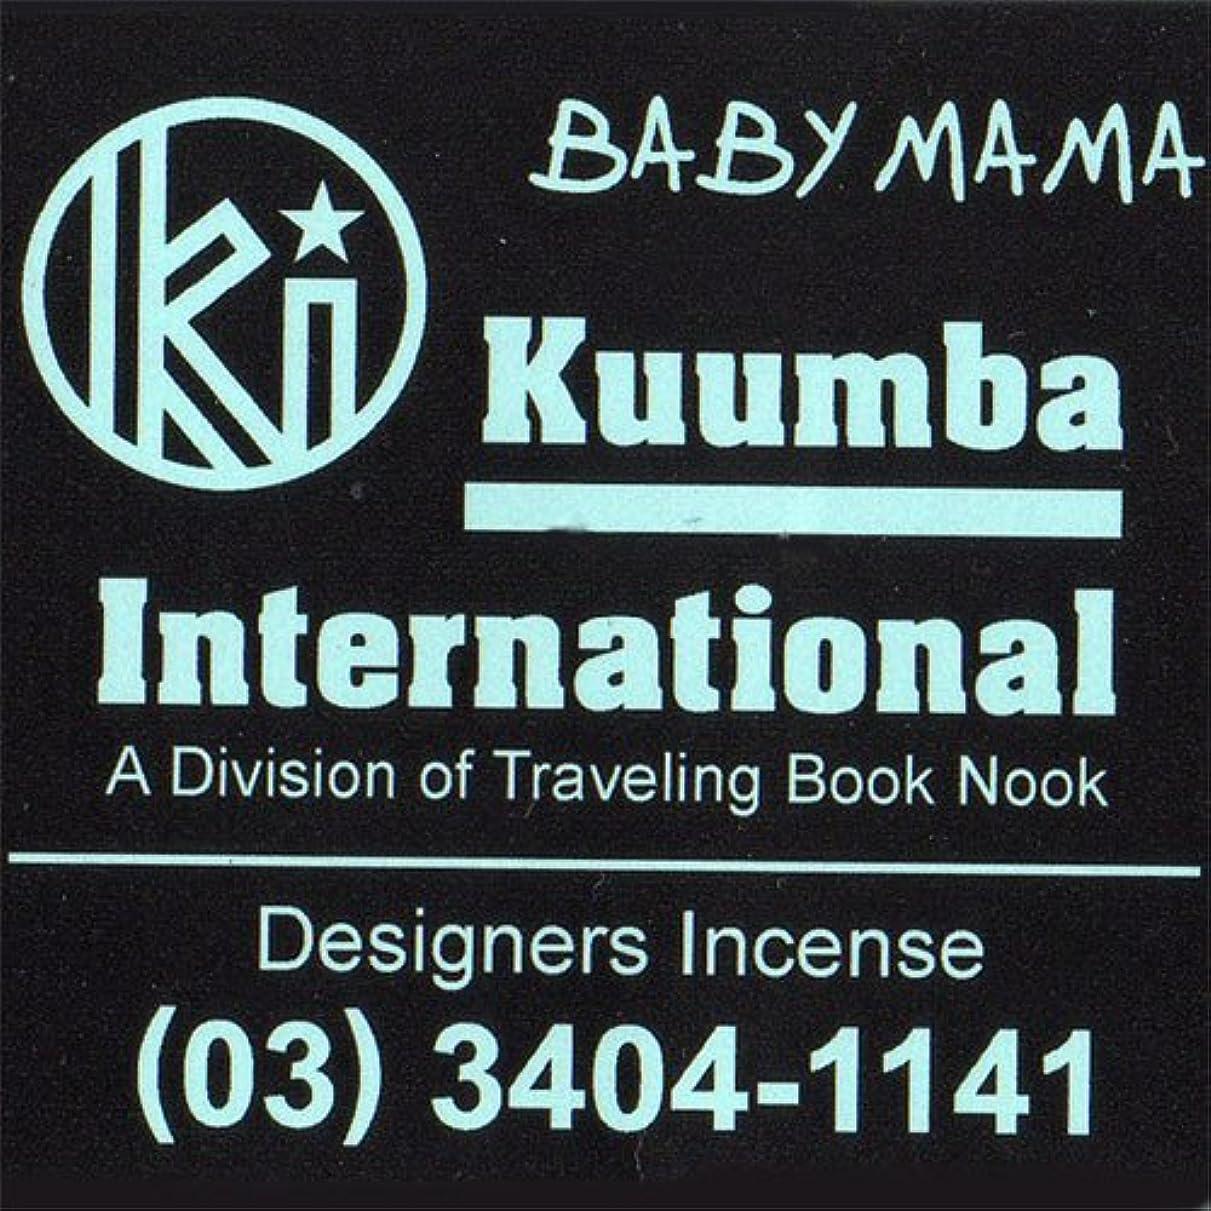 差し迫ったセラー使用法KUUMBA / クンバ『incense』(BABY MAMA) (Regular size)